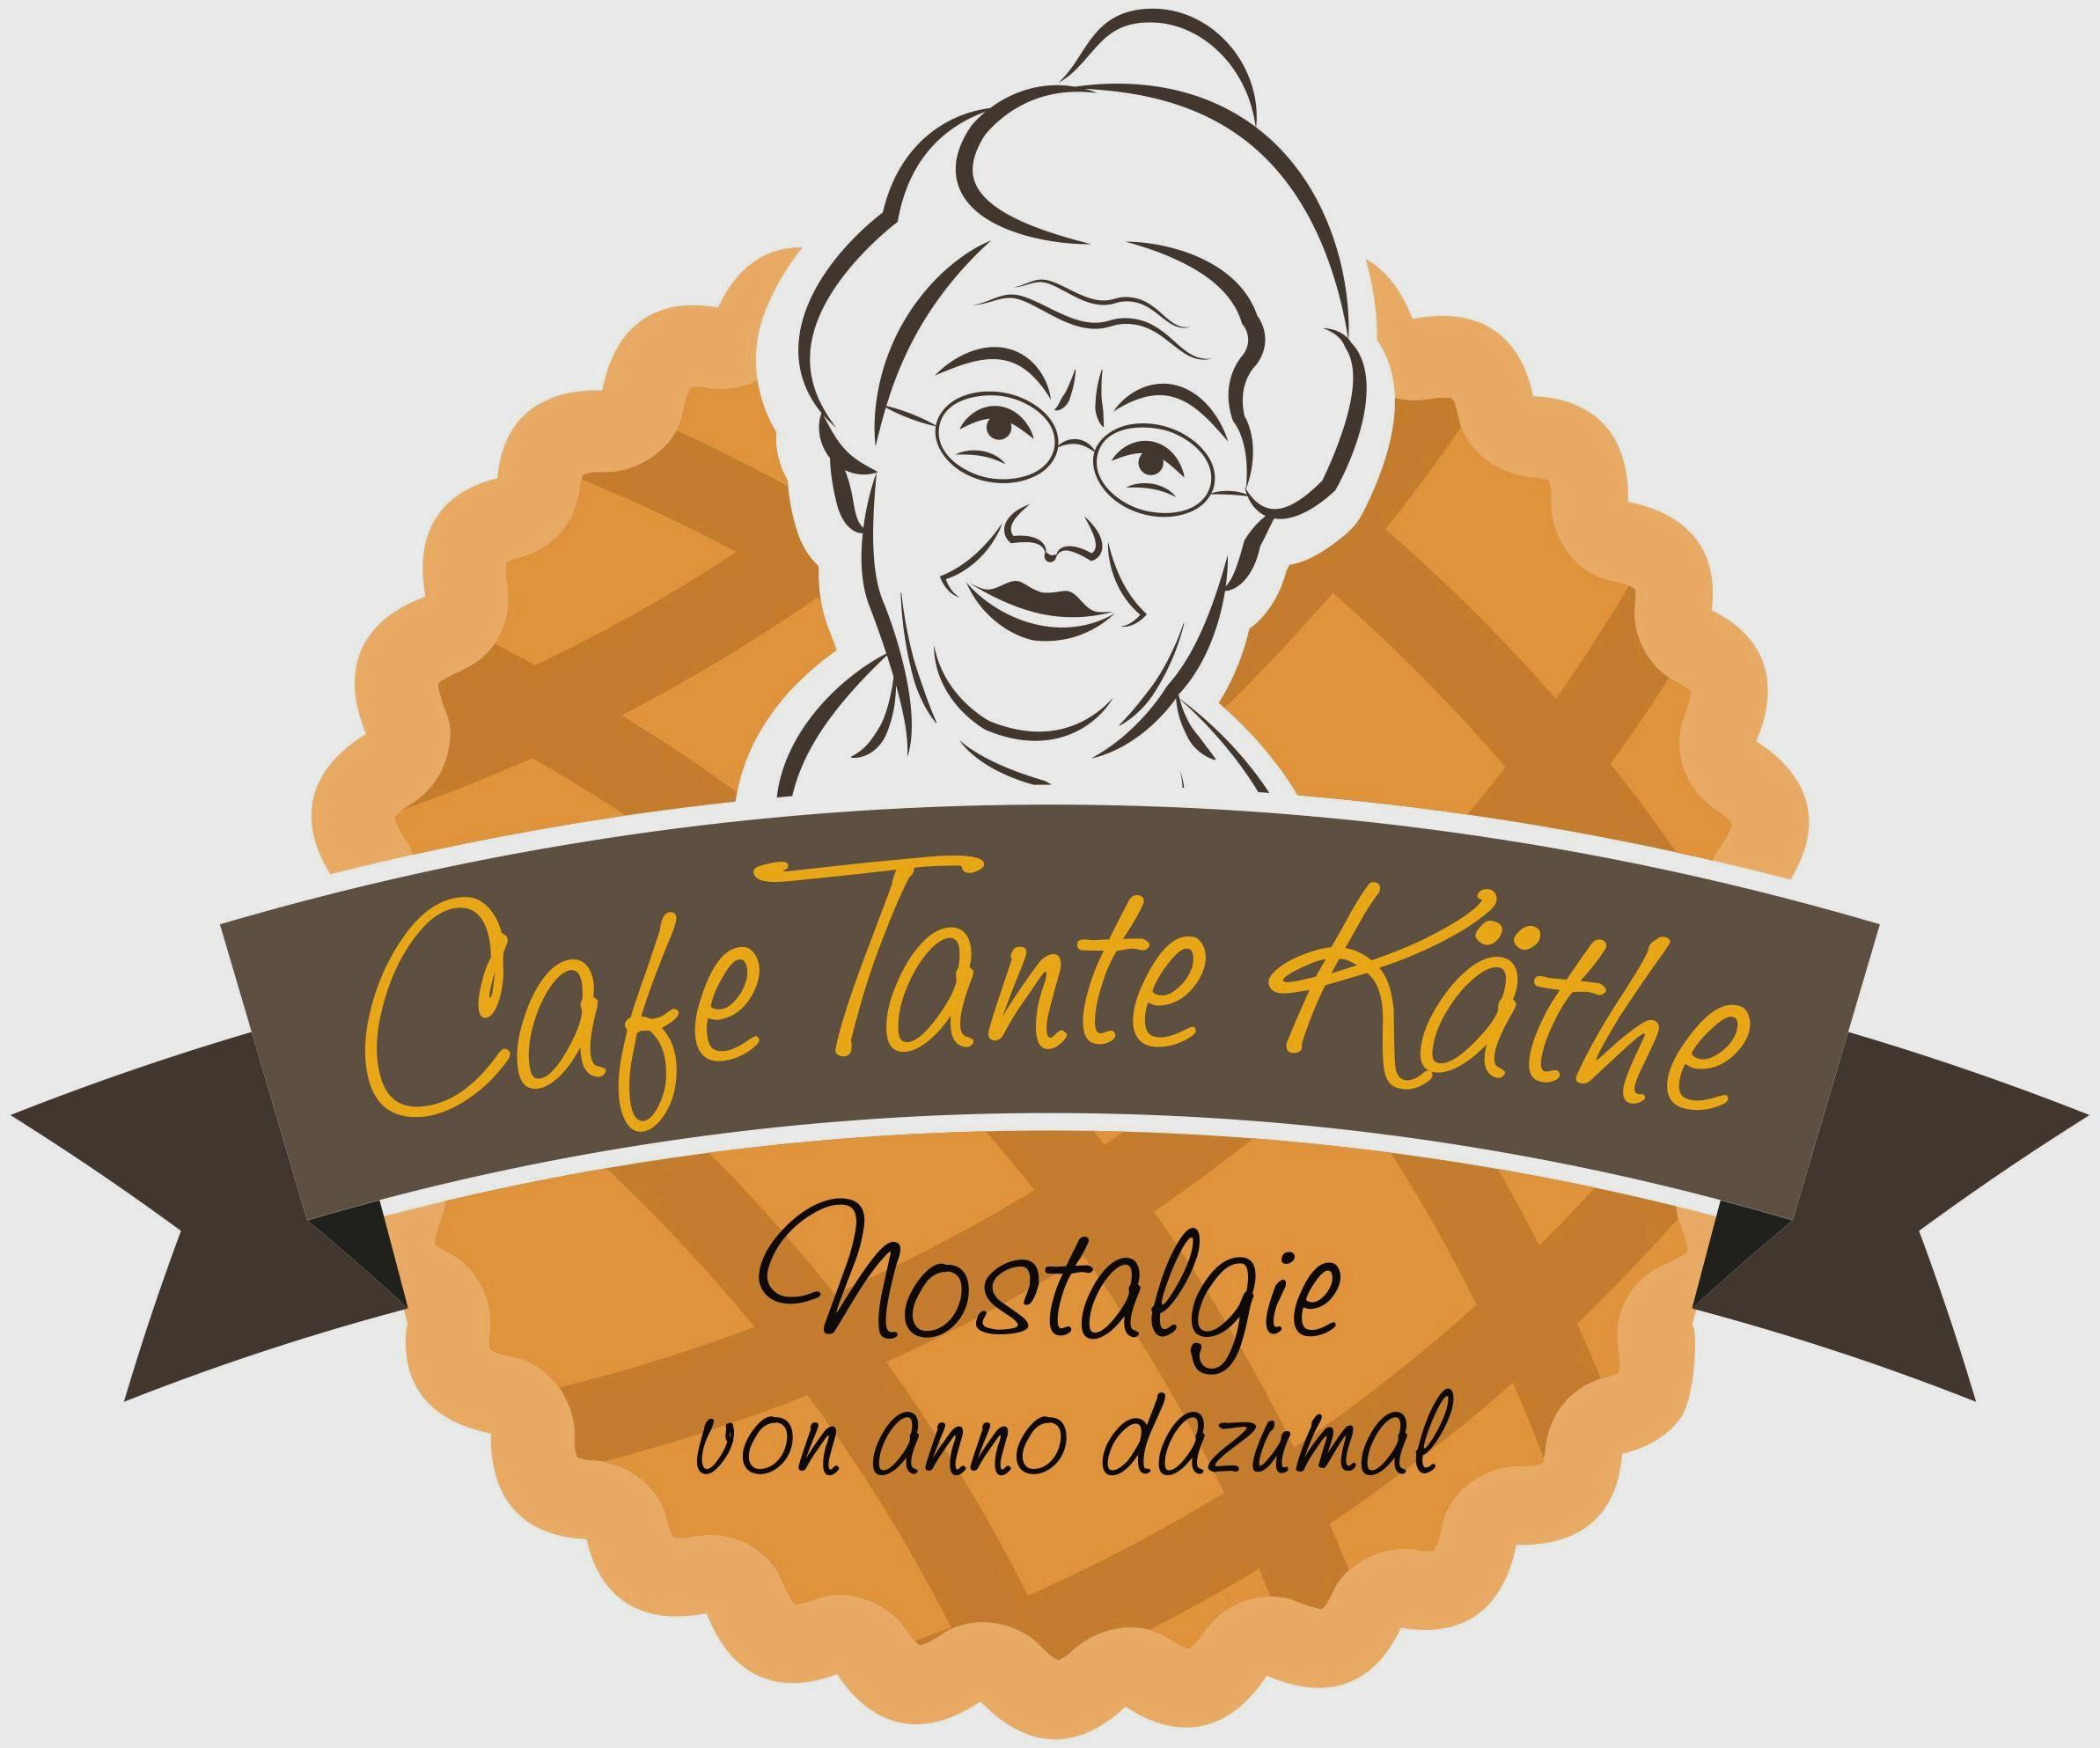 Café Tante Käthe